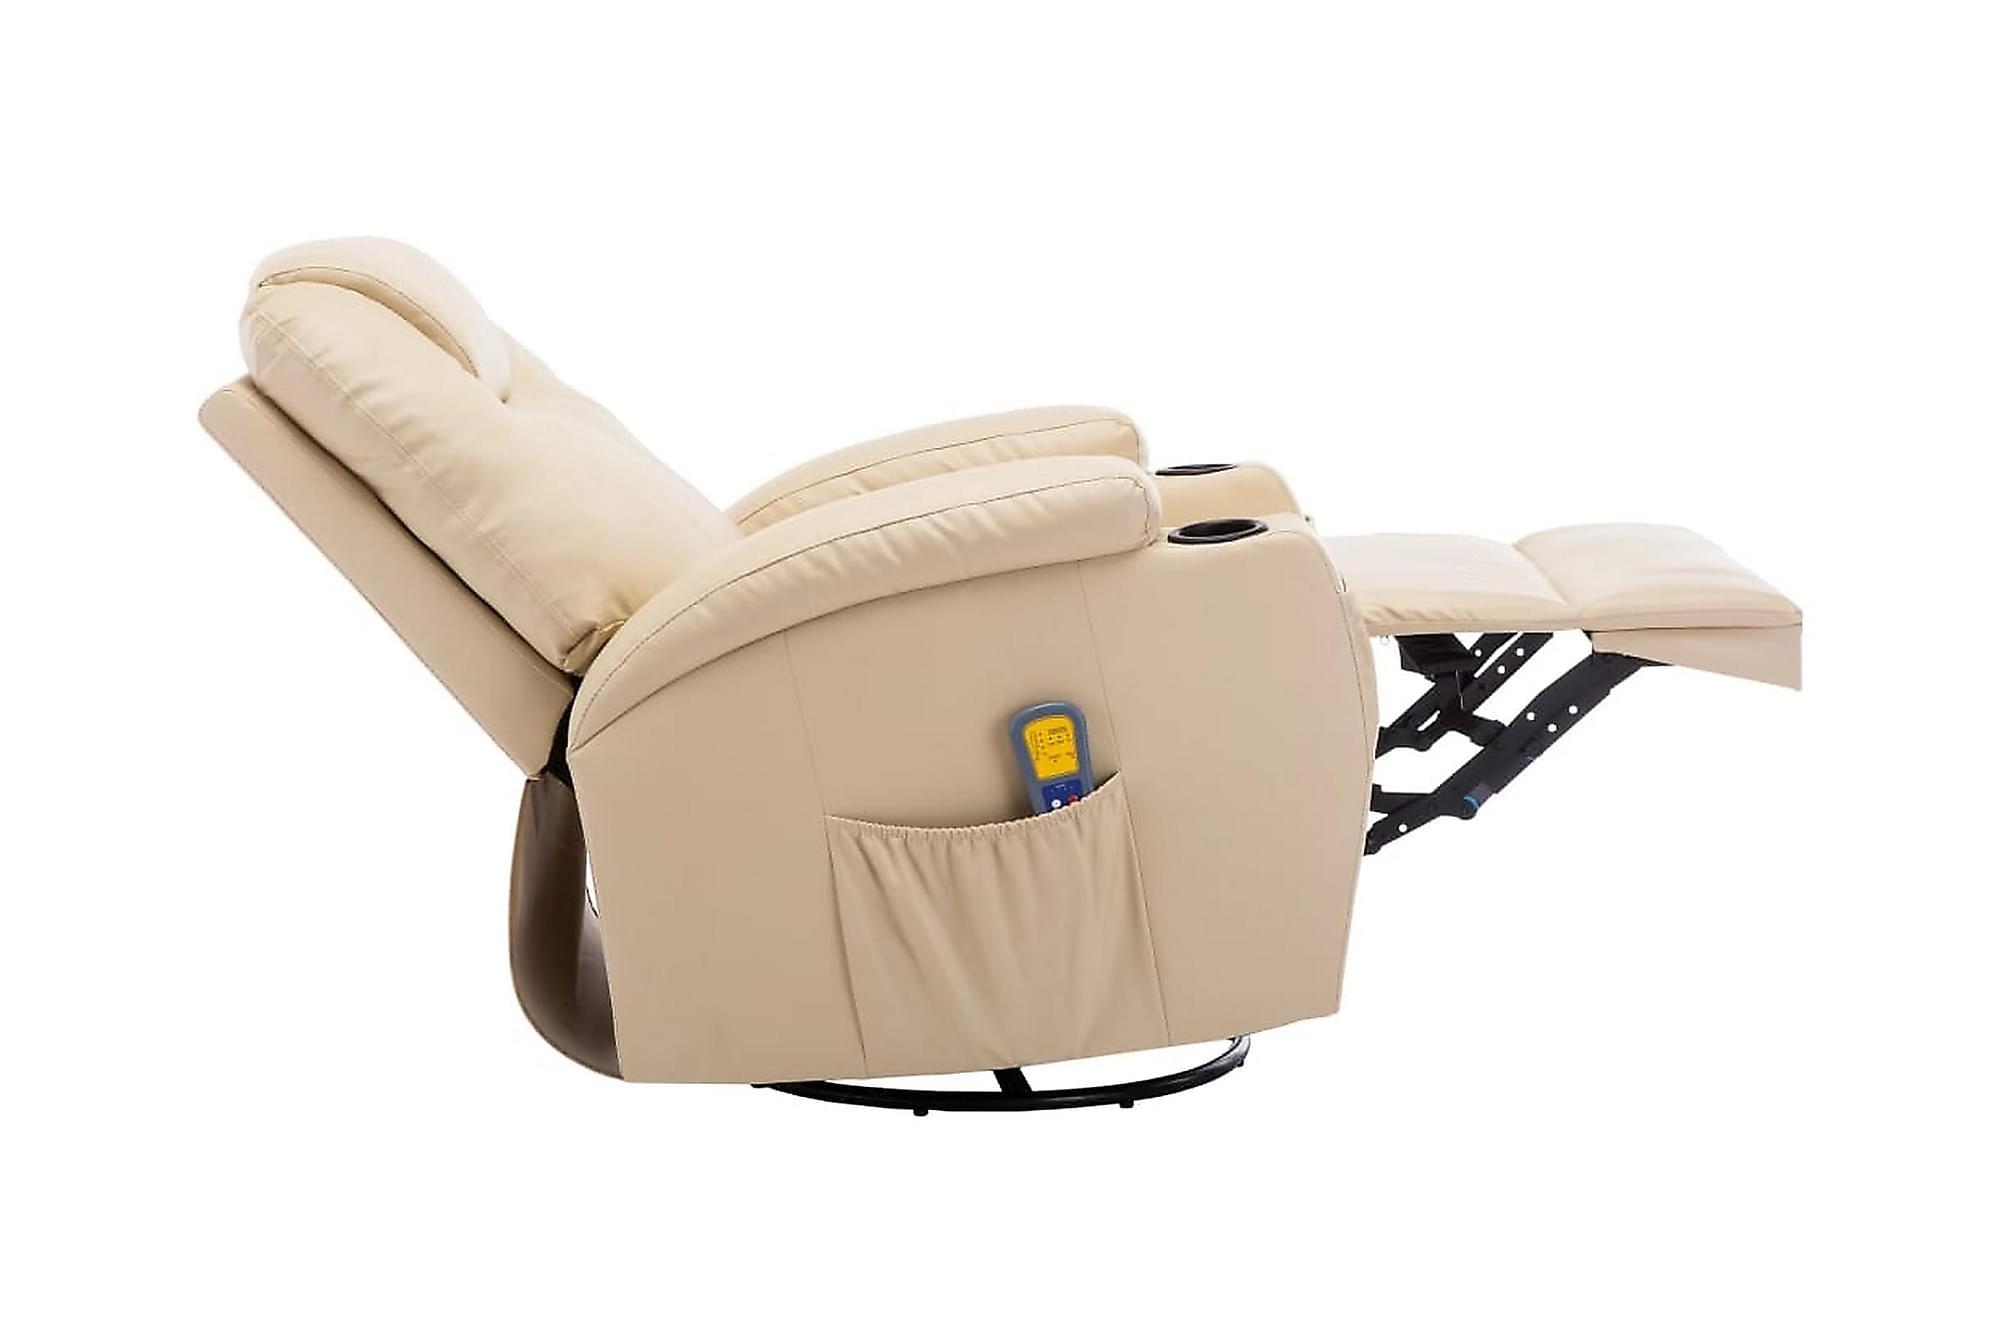 Gungande massagefåtölj justerbar gräddvit konstläder, Massagestolar & massagefåtöljer